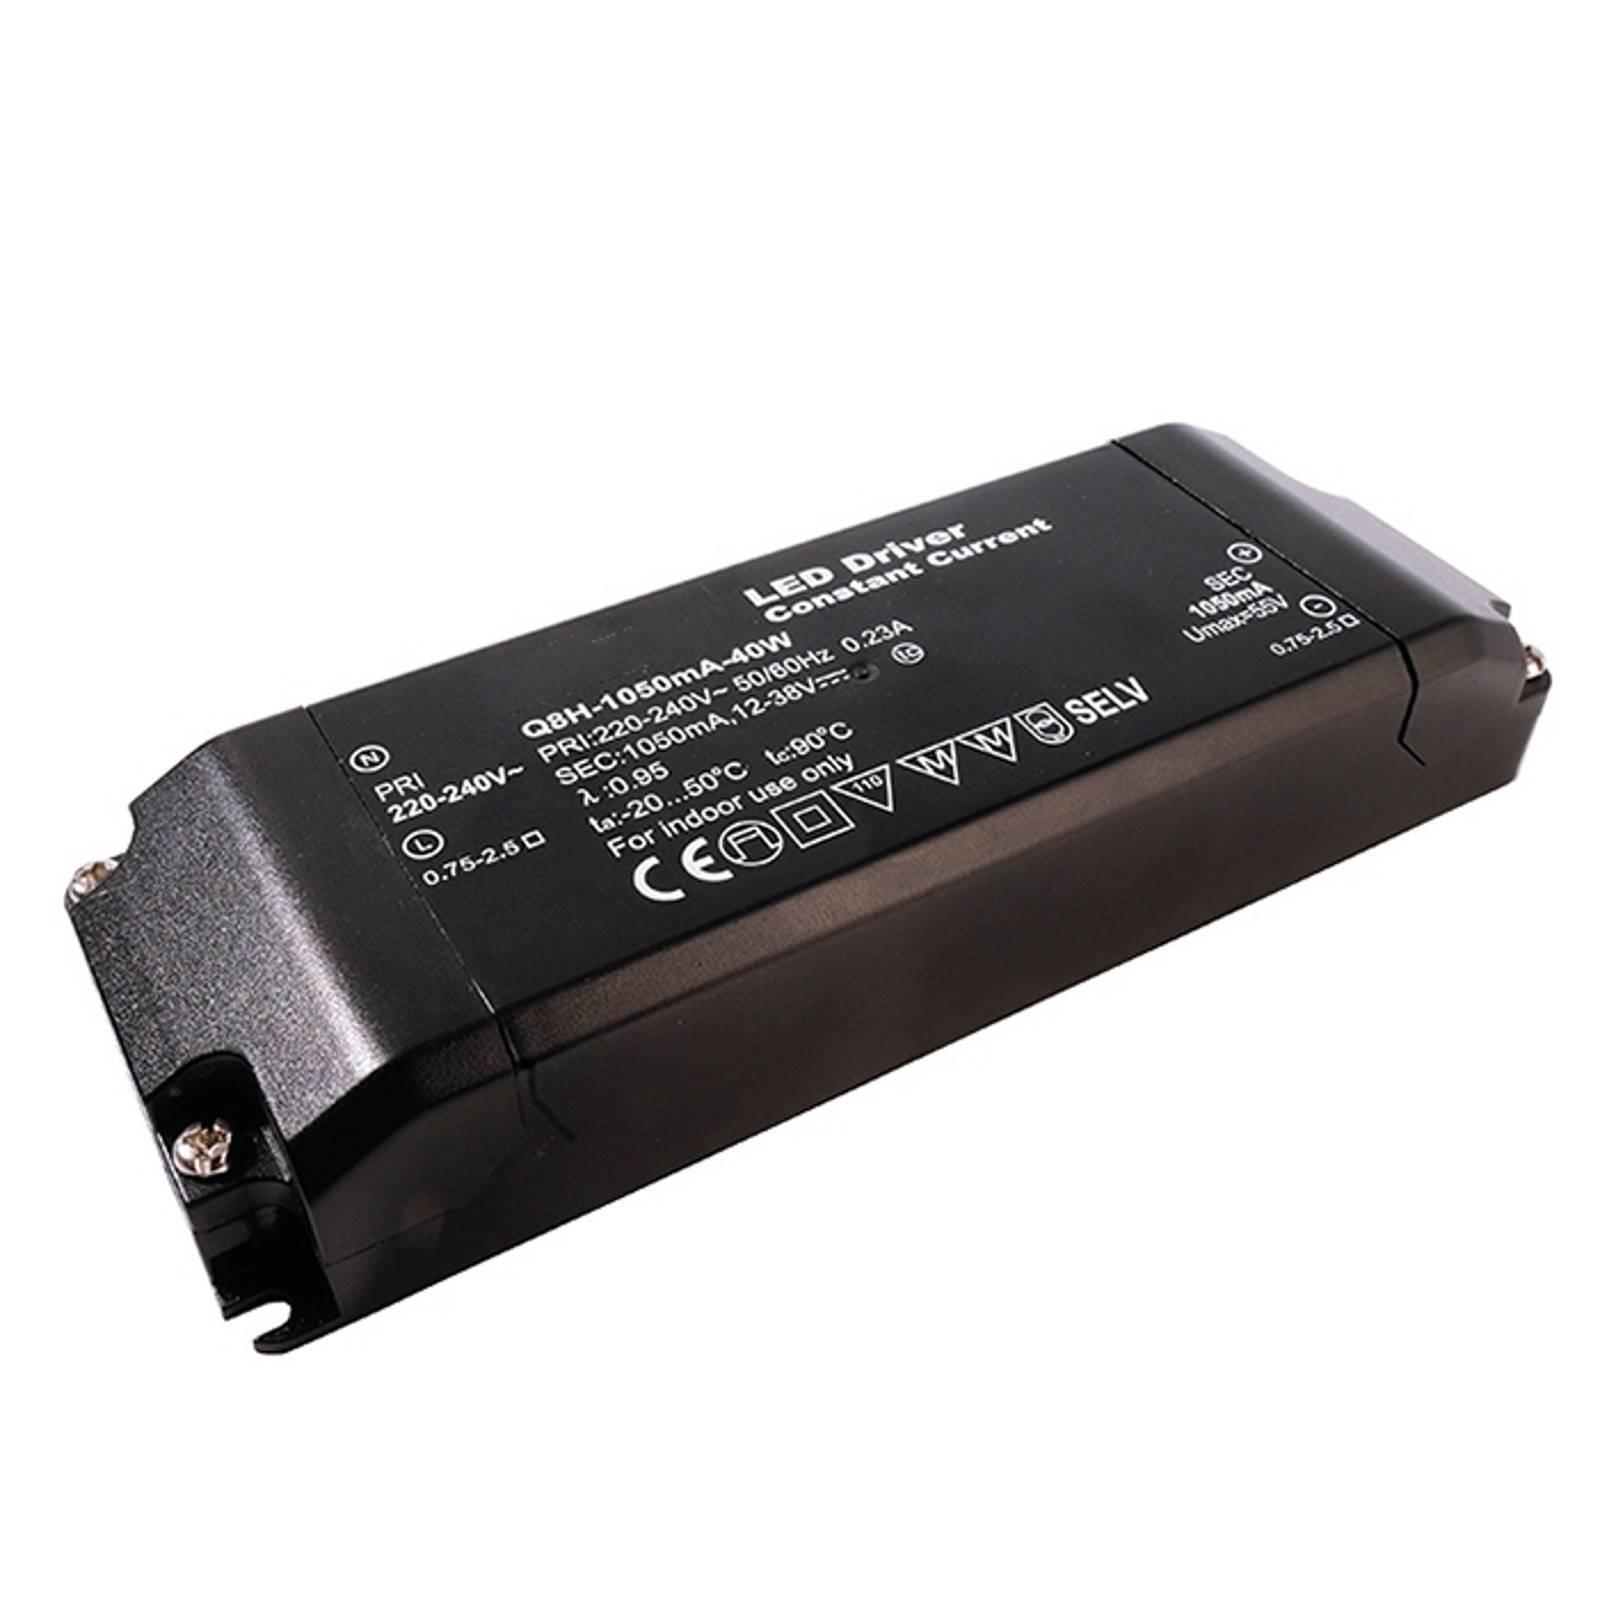 LED-strømforsyning 1050 mA for COB130